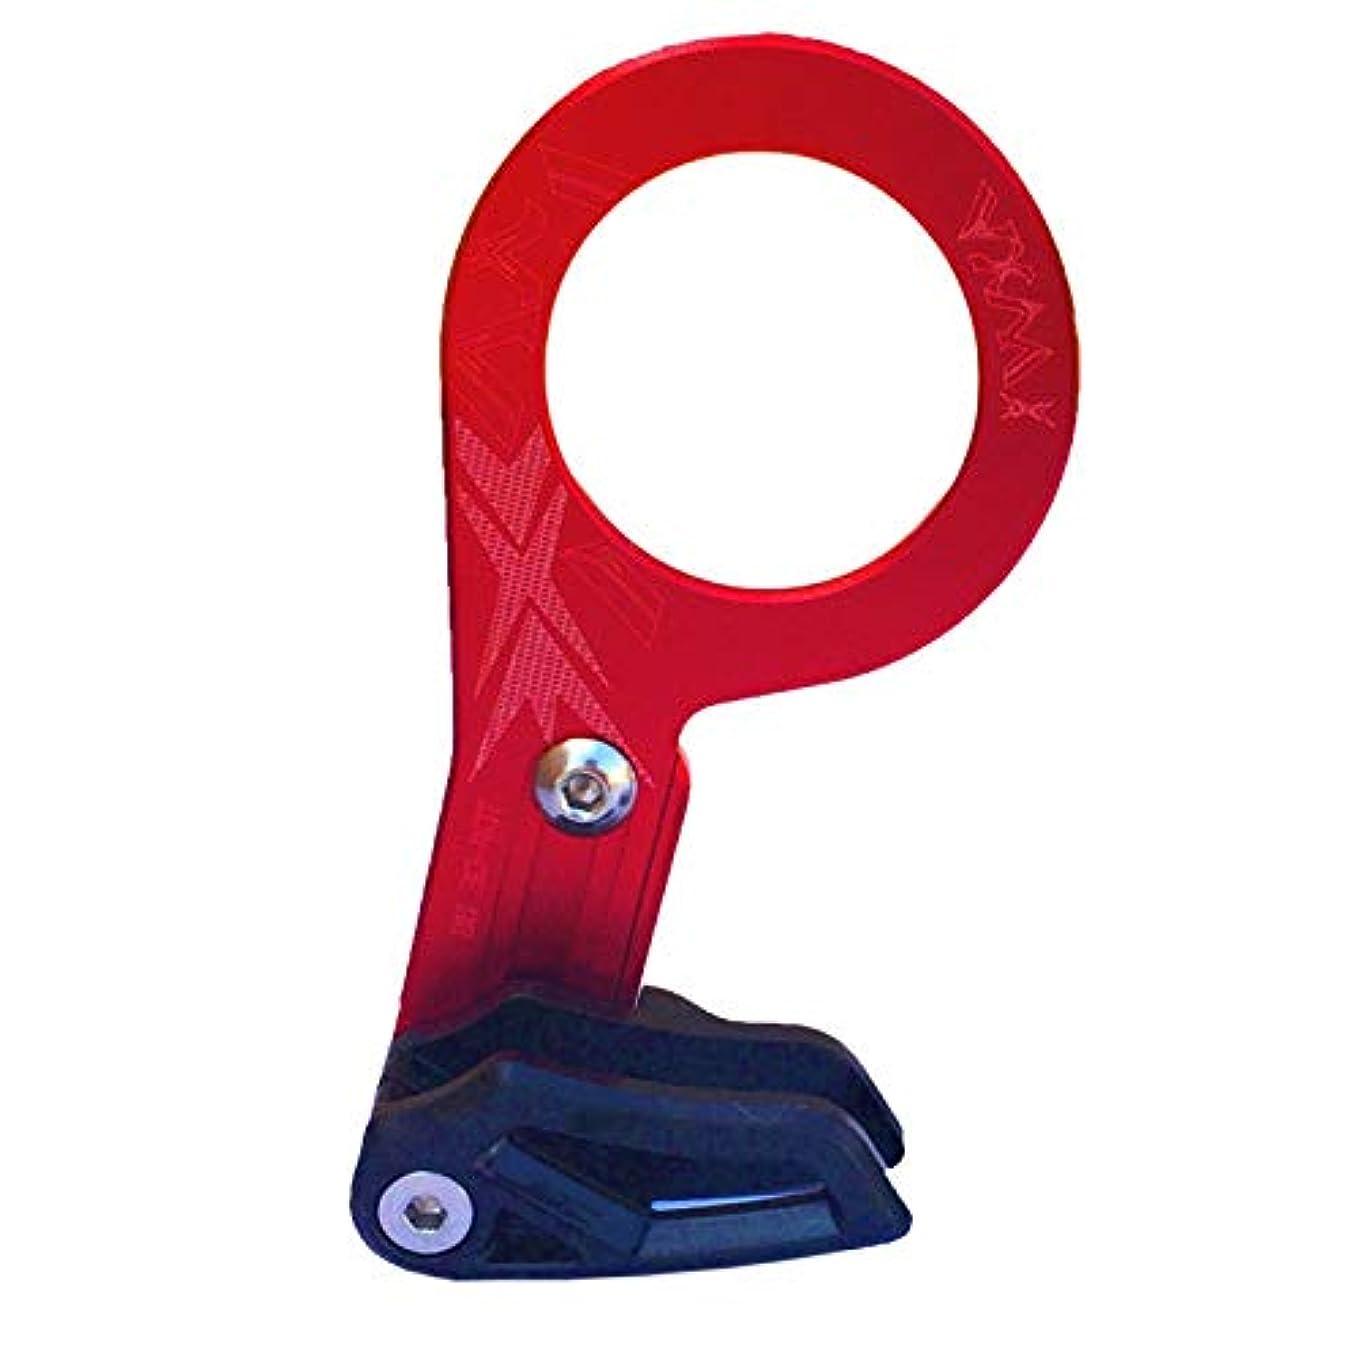 公演いっぱい戸惑うPropenary - Bicycle Chain guide bicycle chain protector 1X System Single Chainring round 32-40T Bike crankset oval 30T-38T Bicycle Parts [ Red ]